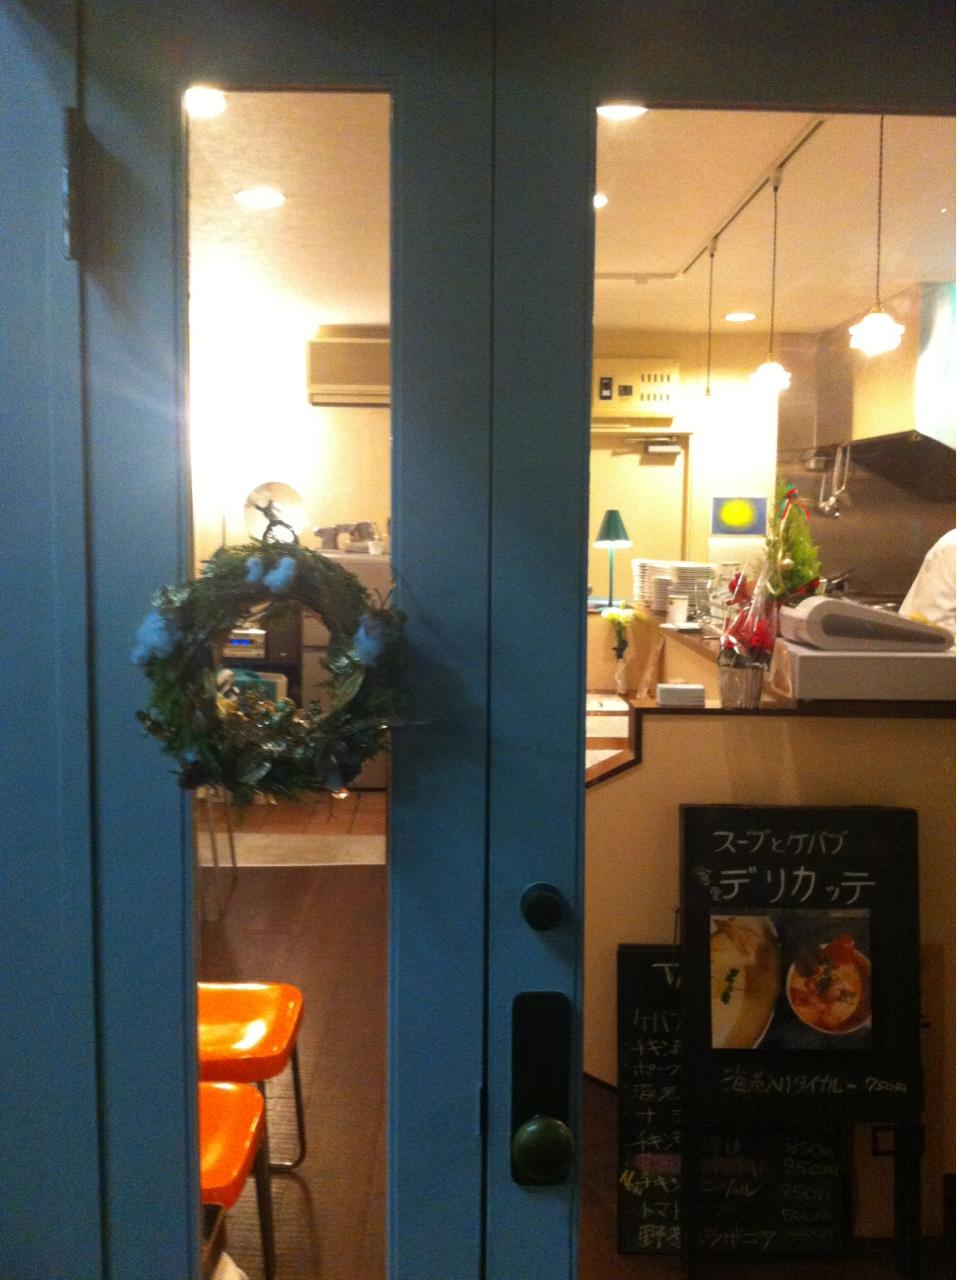 20121204222222工さんお店